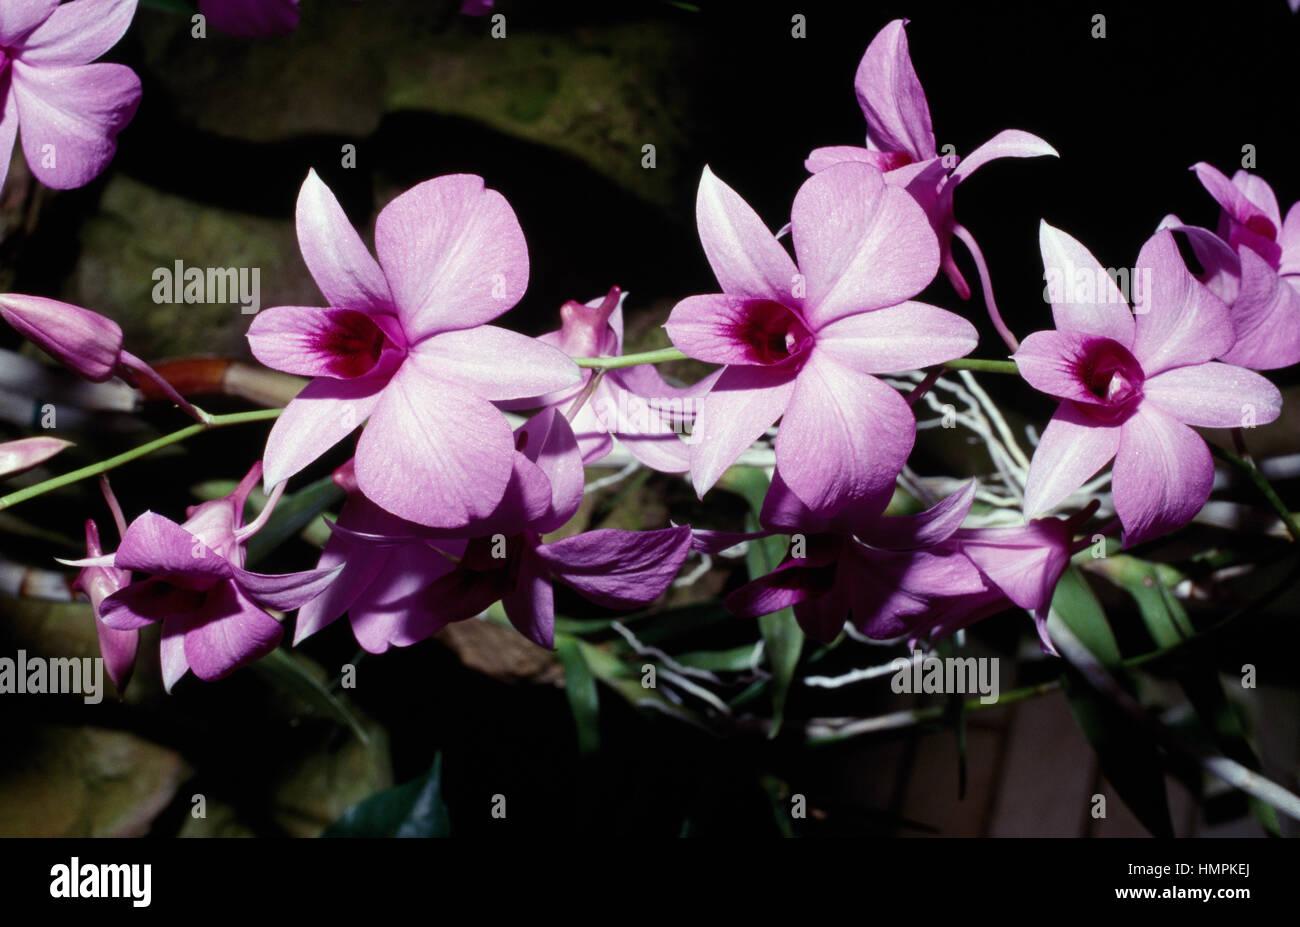 Orchidée Cymbidium bateau (sp), Orchidaceae. Photo Stock